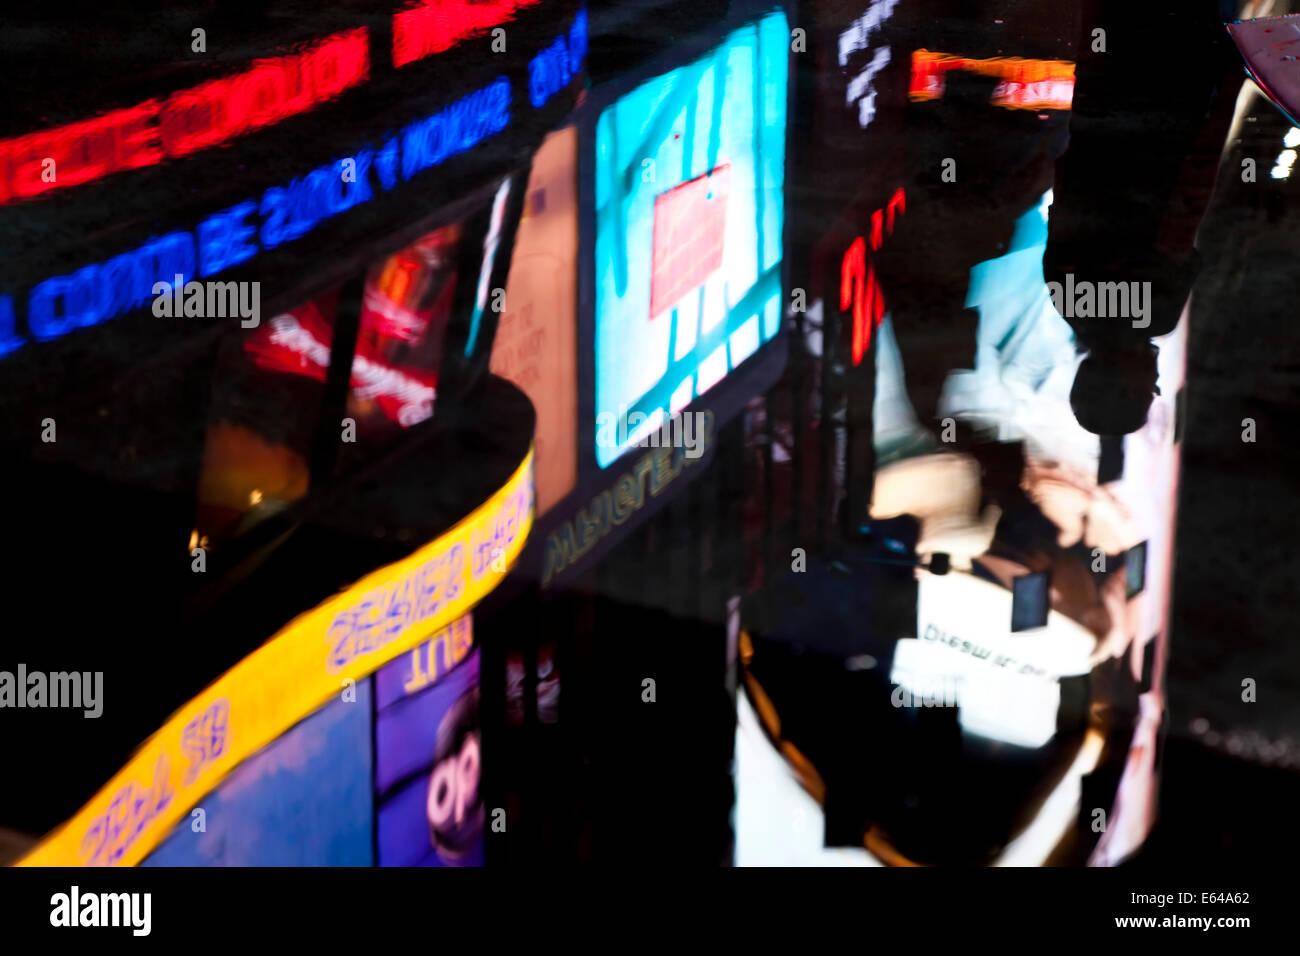 Reflexionen von Neon am Times Square in Manhattan, New York, USA Stockbild